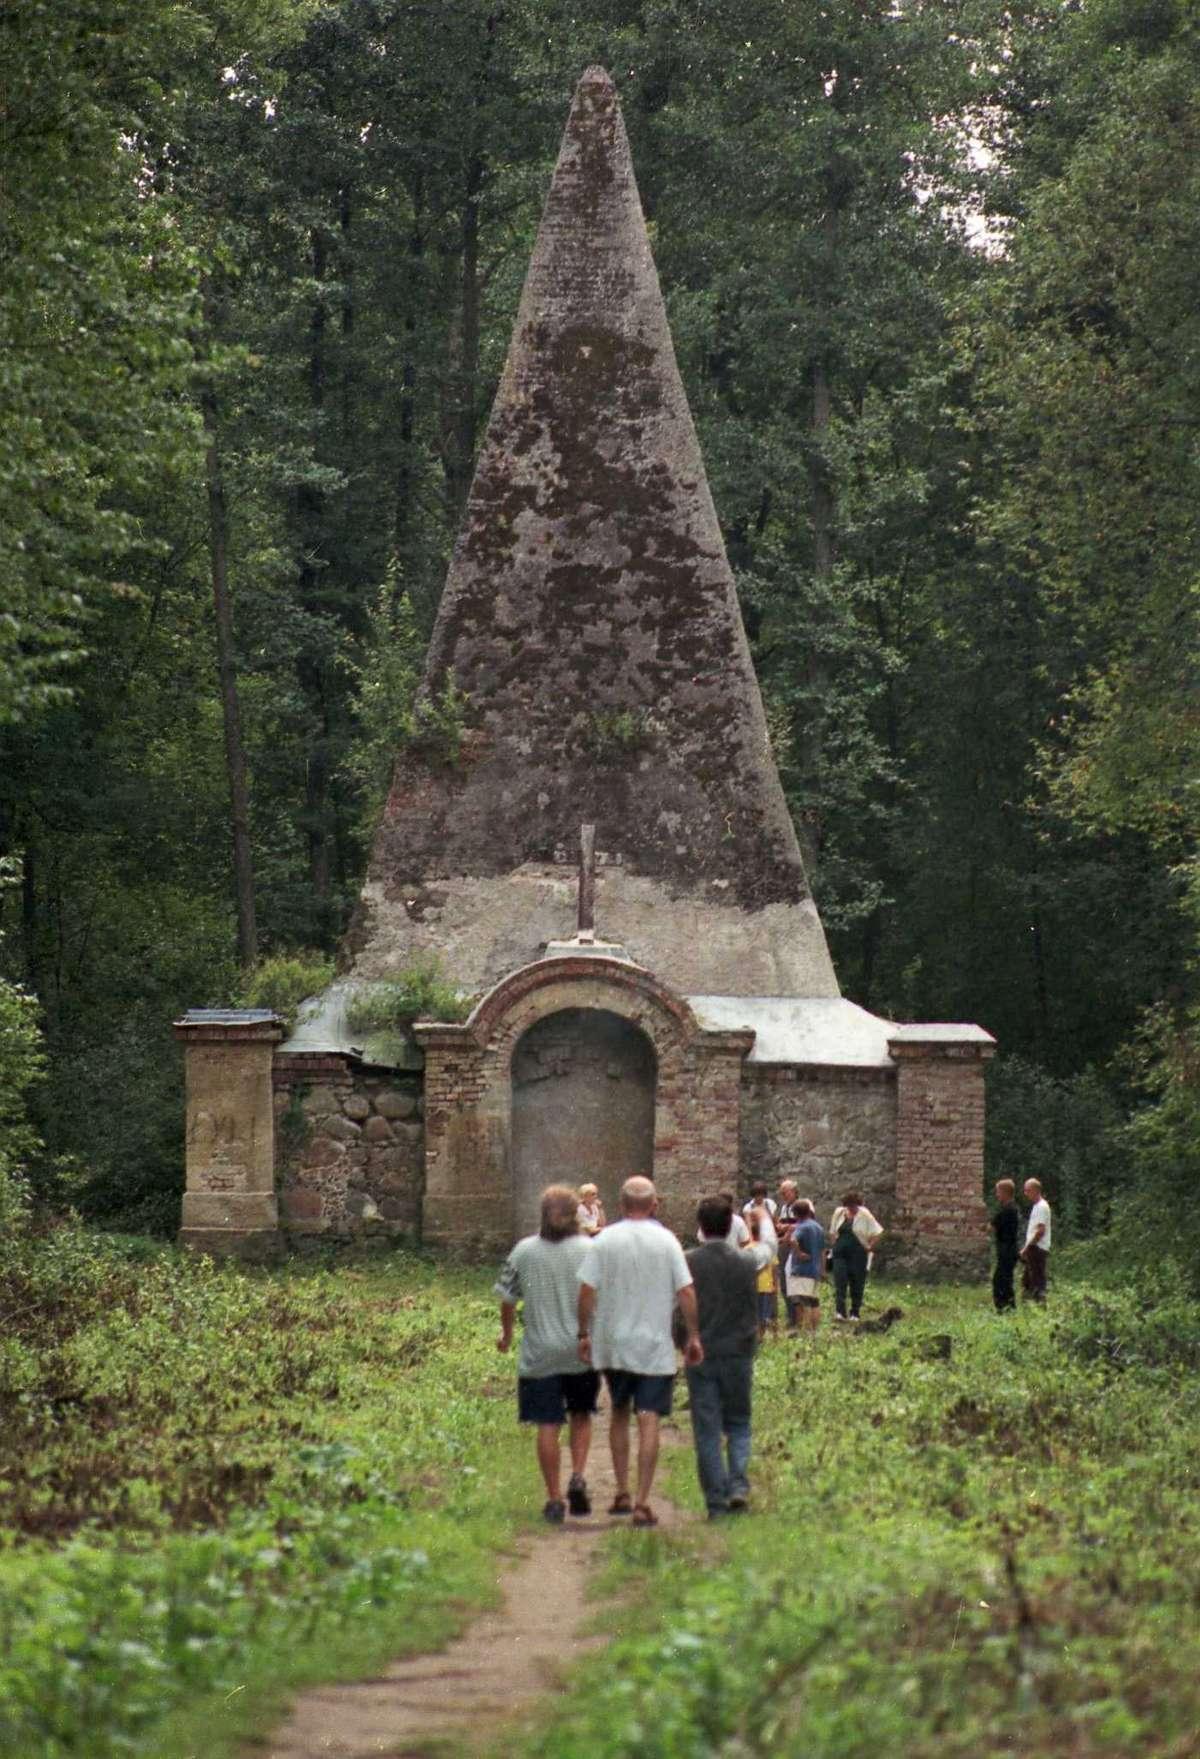 Piramida w Rapie to atrakcja turystyczna na Mazurach. Obiekt z XVIII wieku jest w fatalnym stanie   - full image